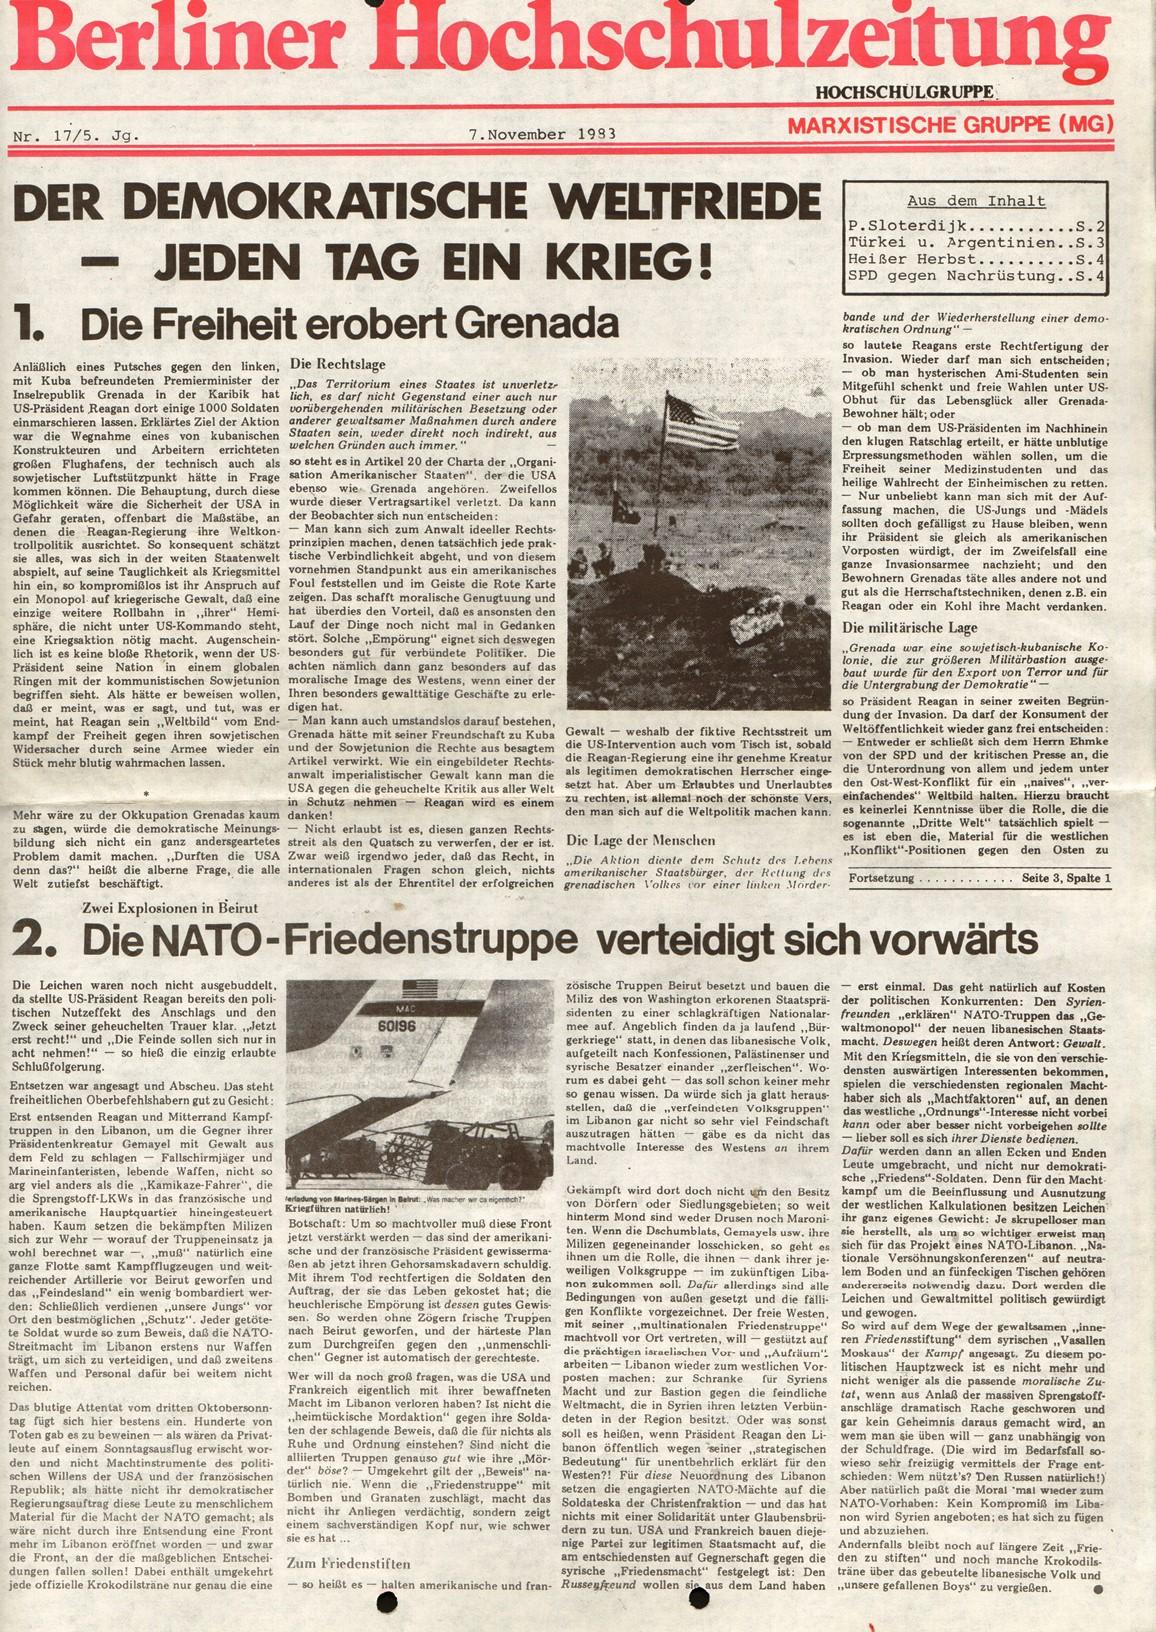 Berlin_MG_Hochschulzeitung_19831107_01